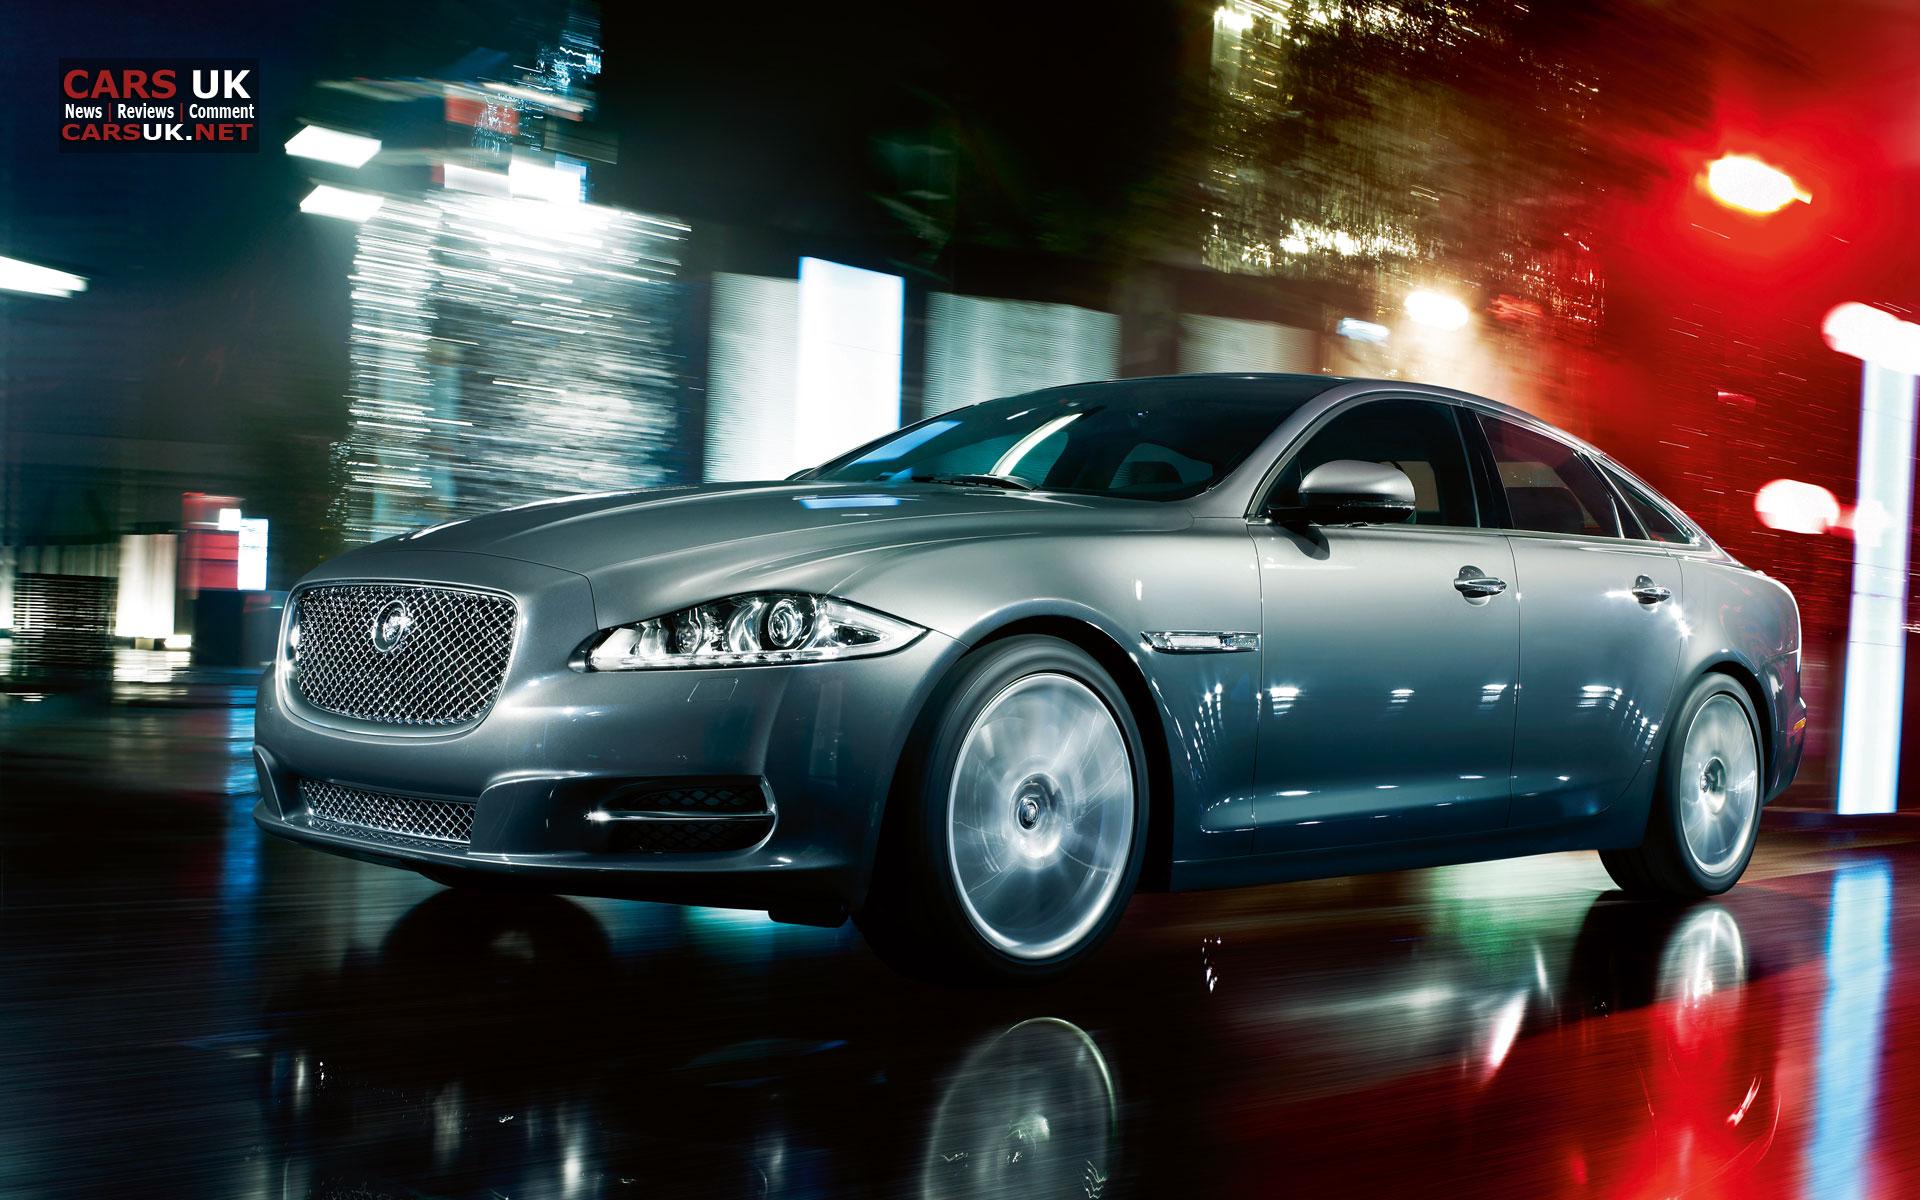 Jaguar Xj 2010 1920x1200